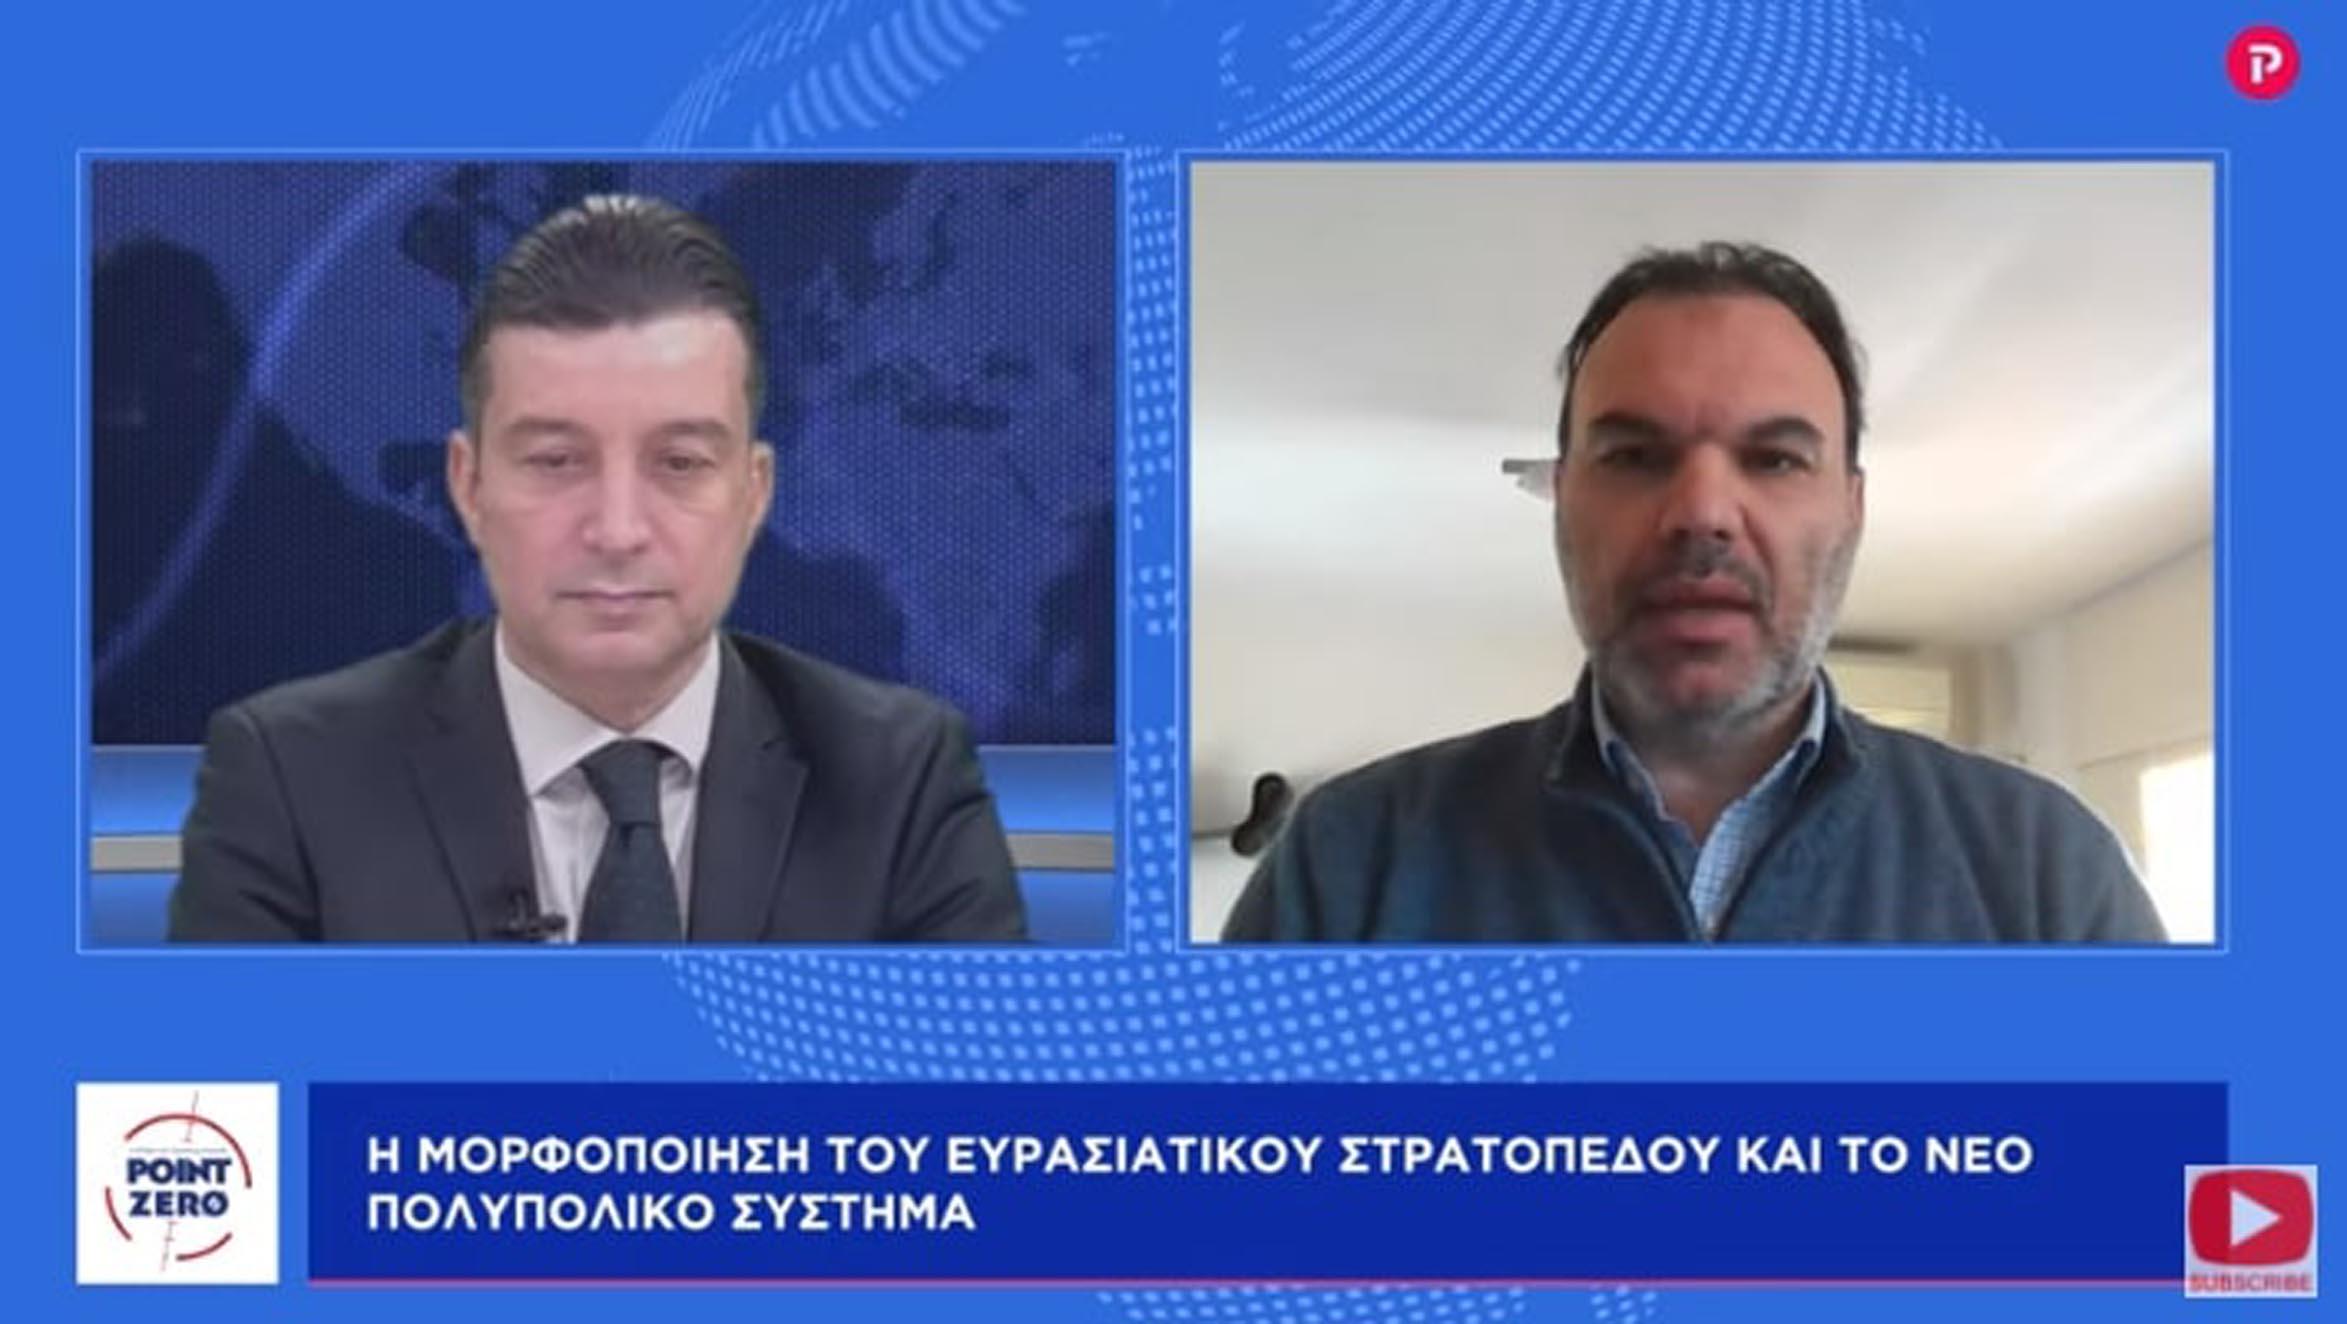 Κωνσταντίνος Λαμπρόπουλος στο pagenews.gr